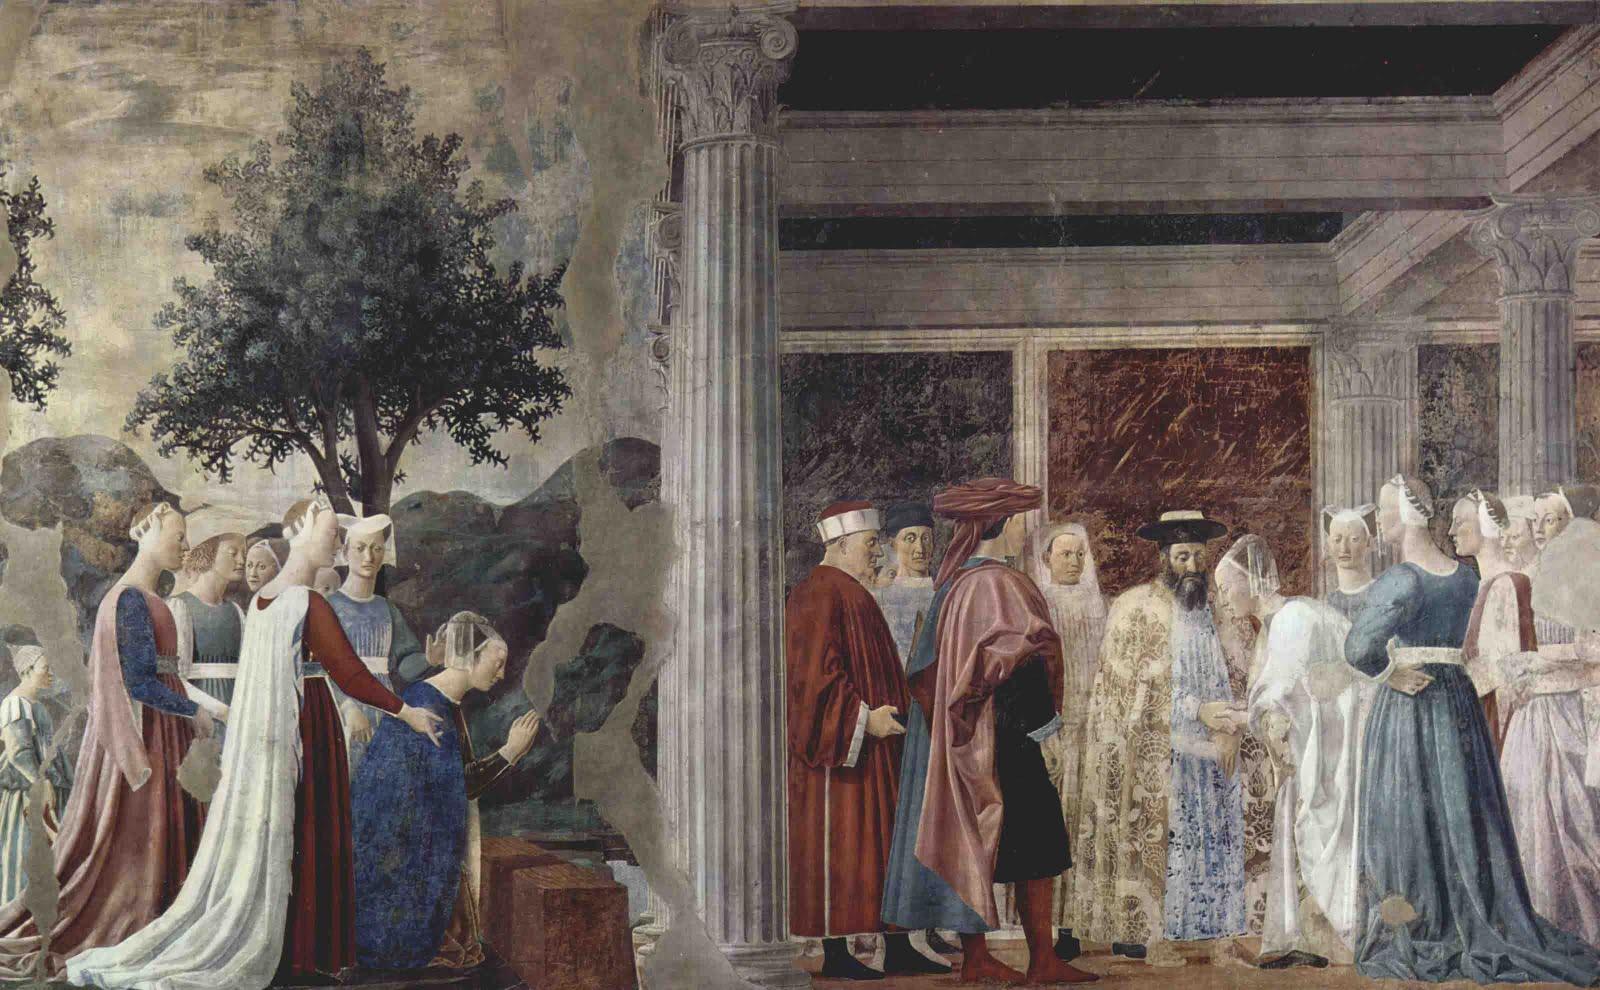 『ソロモン王を訪れるシバの女王』中央の柱を境に左がシバの女王が渡ろうとし... 聖十字架の伝説